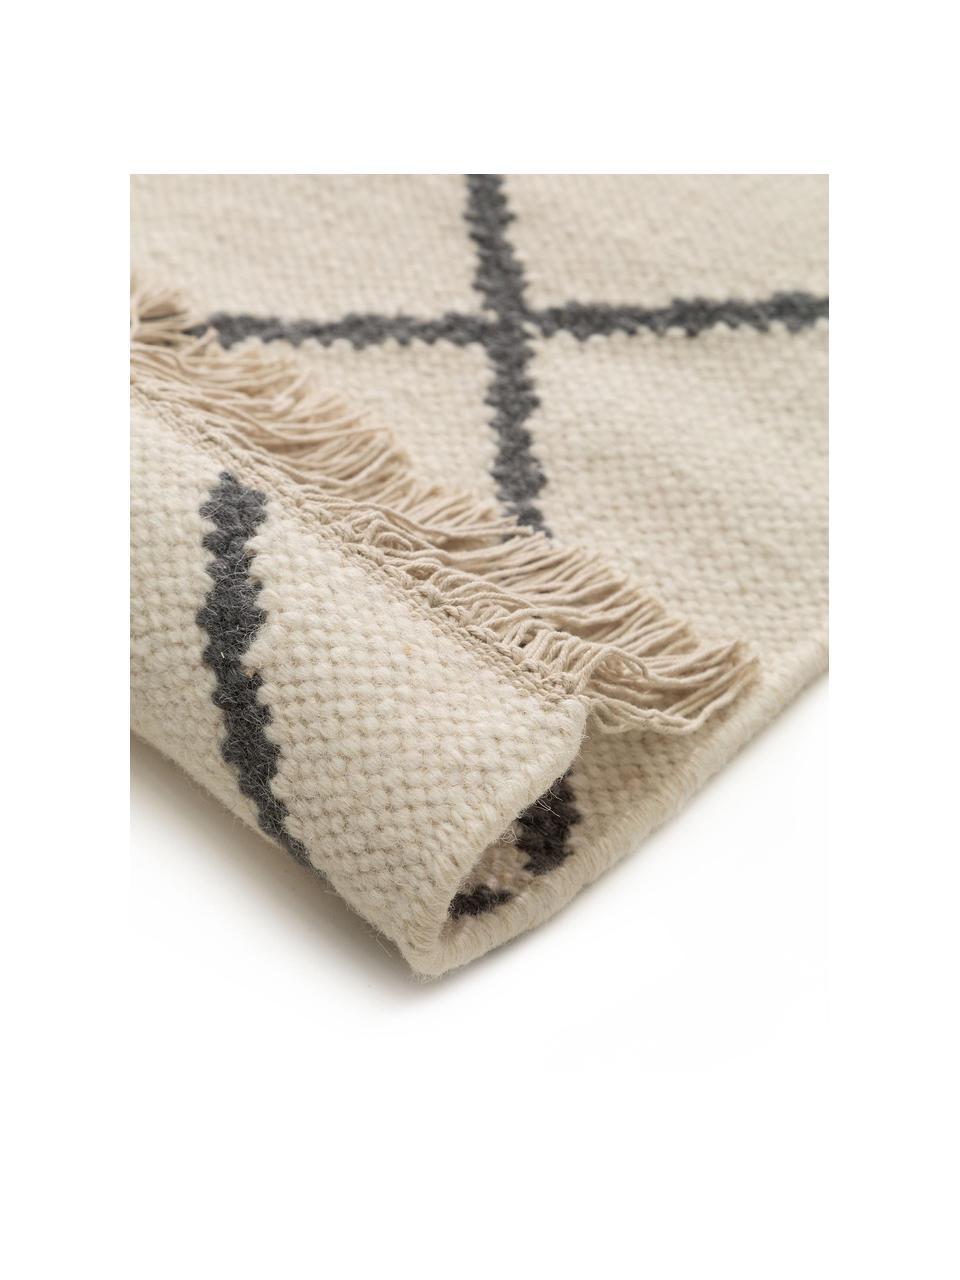 Ręcznie tkany kilim-dywan Vince, 90% wełna, 10% bawełna Włókna dywanów wełnianych mogą nieznacznie rozluźniać się w pierwszych tygodniach użytkowania, co ustępuje po pewnym czasie, Kość słoniowa, ciemnoszary, S 200 x D 300 cm (Rozmiar L)